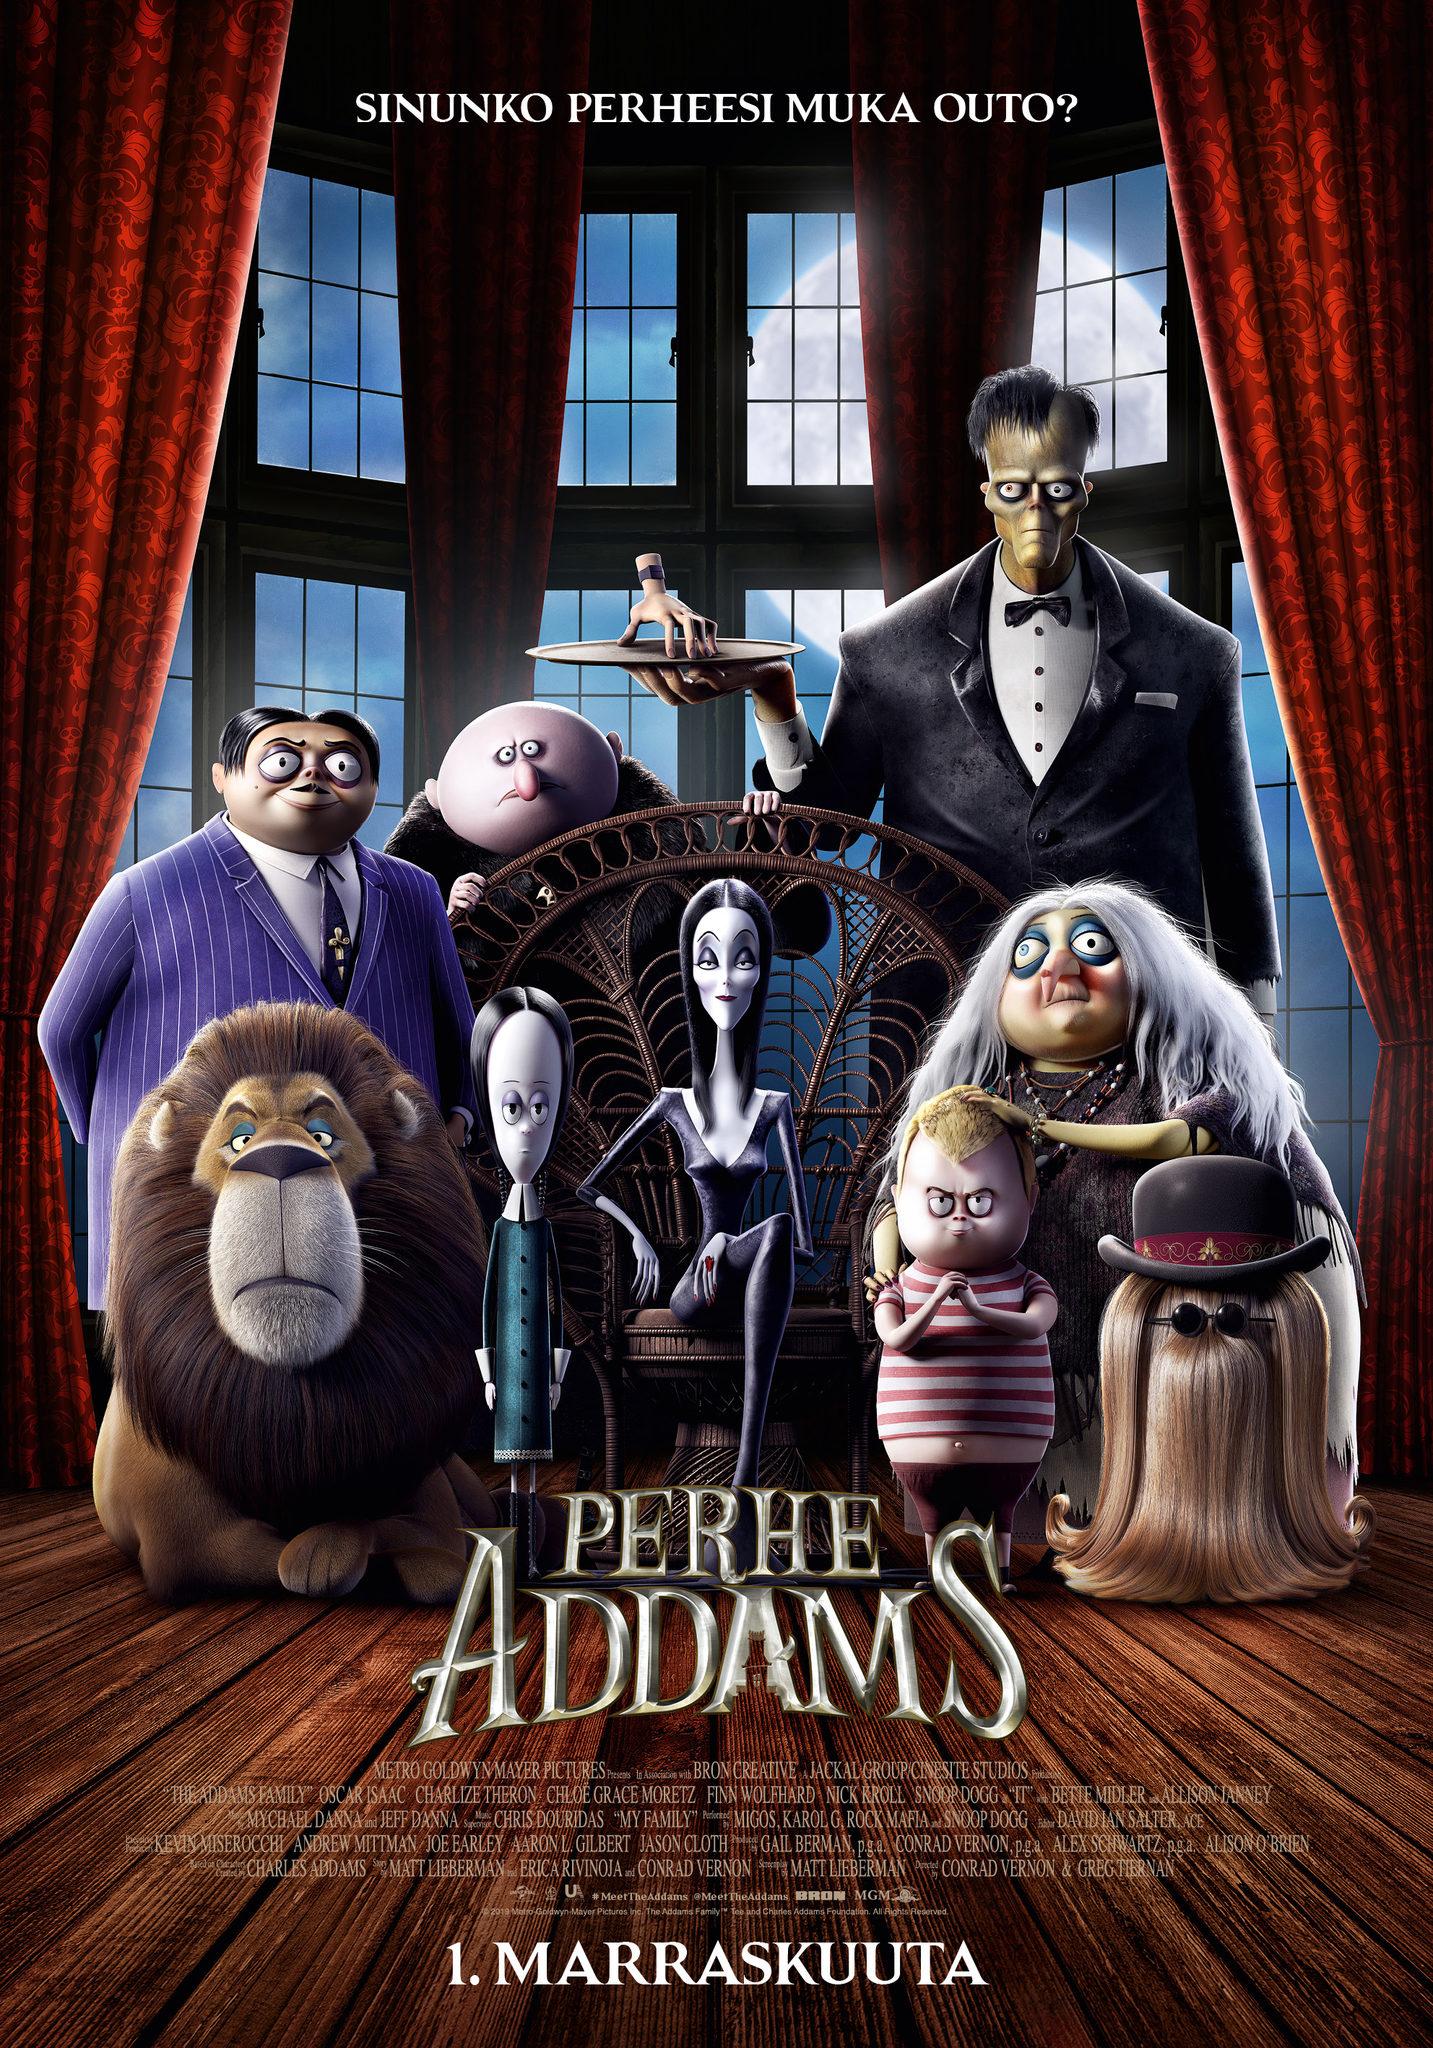 Perhe Addams (dub)